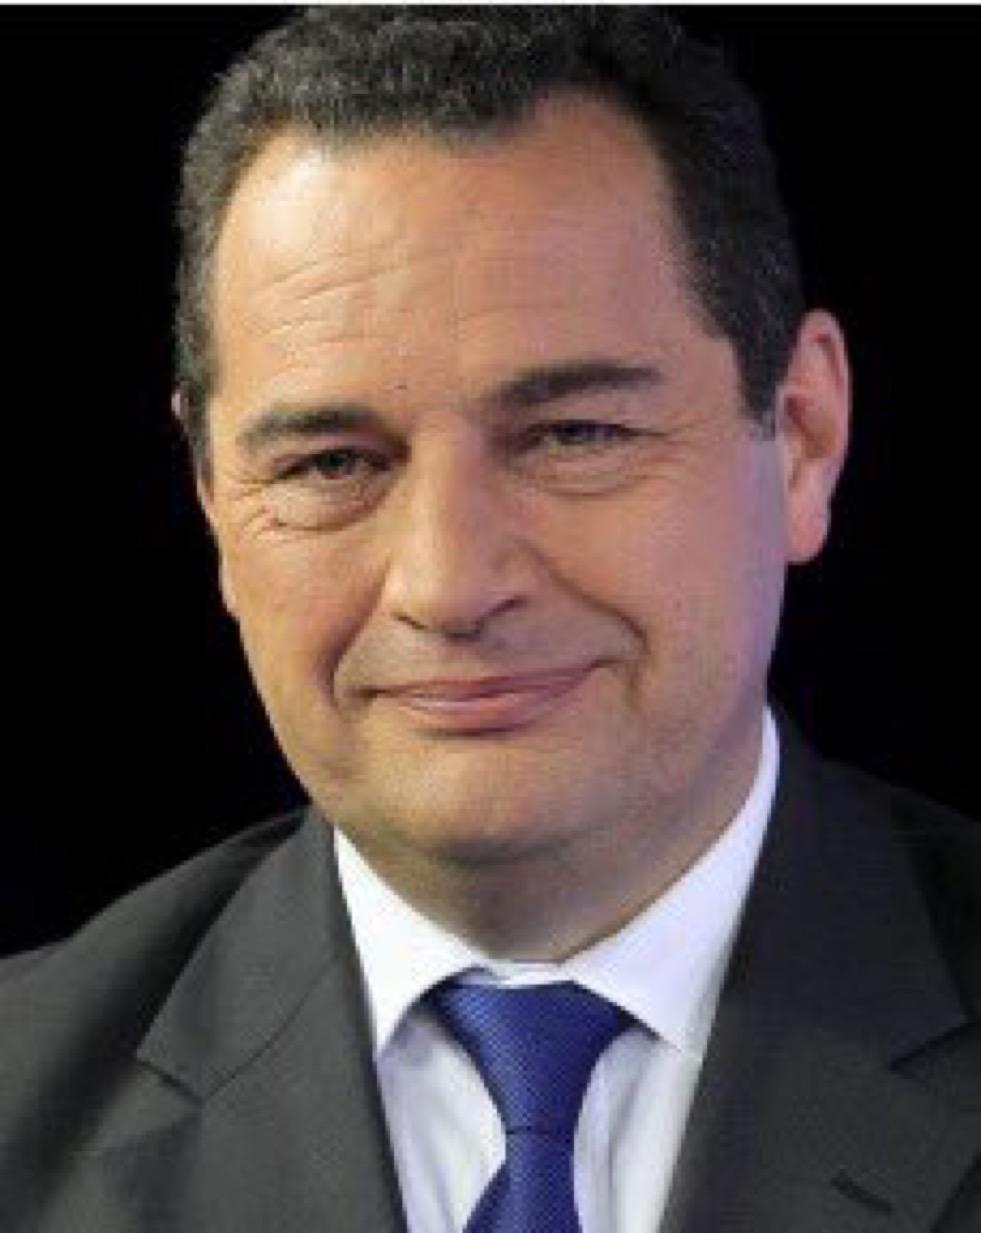 Jean-Frédéric POISSON - Président du Parti Chrétien-Démocrate